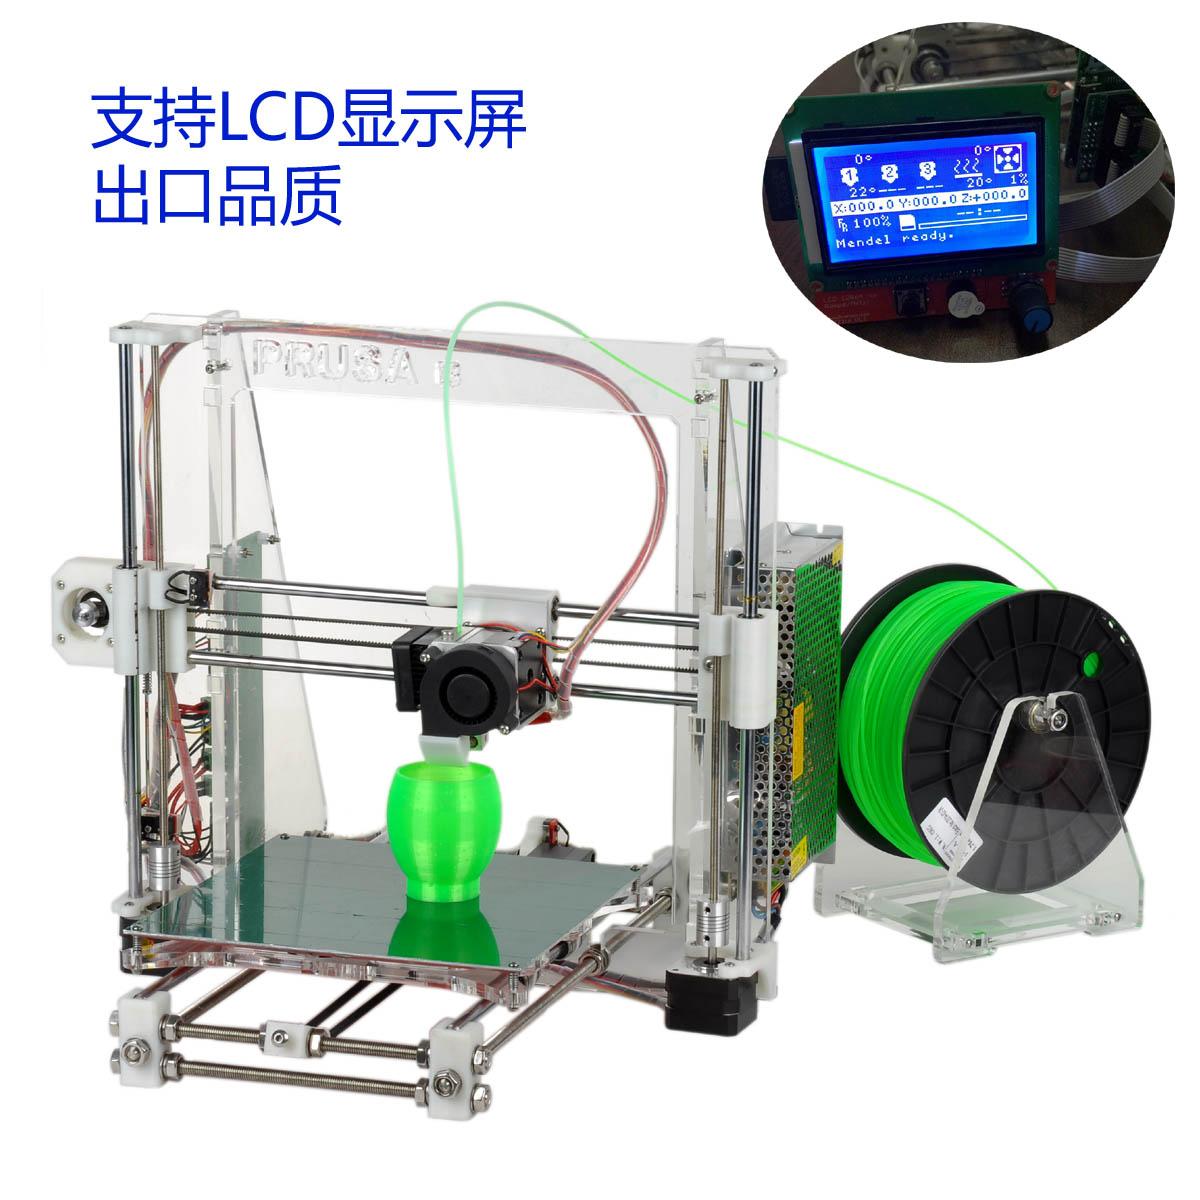 特惠 支持LCD控制屏 出口Reprap Prusa i3 3D打印机 DIY组装套件